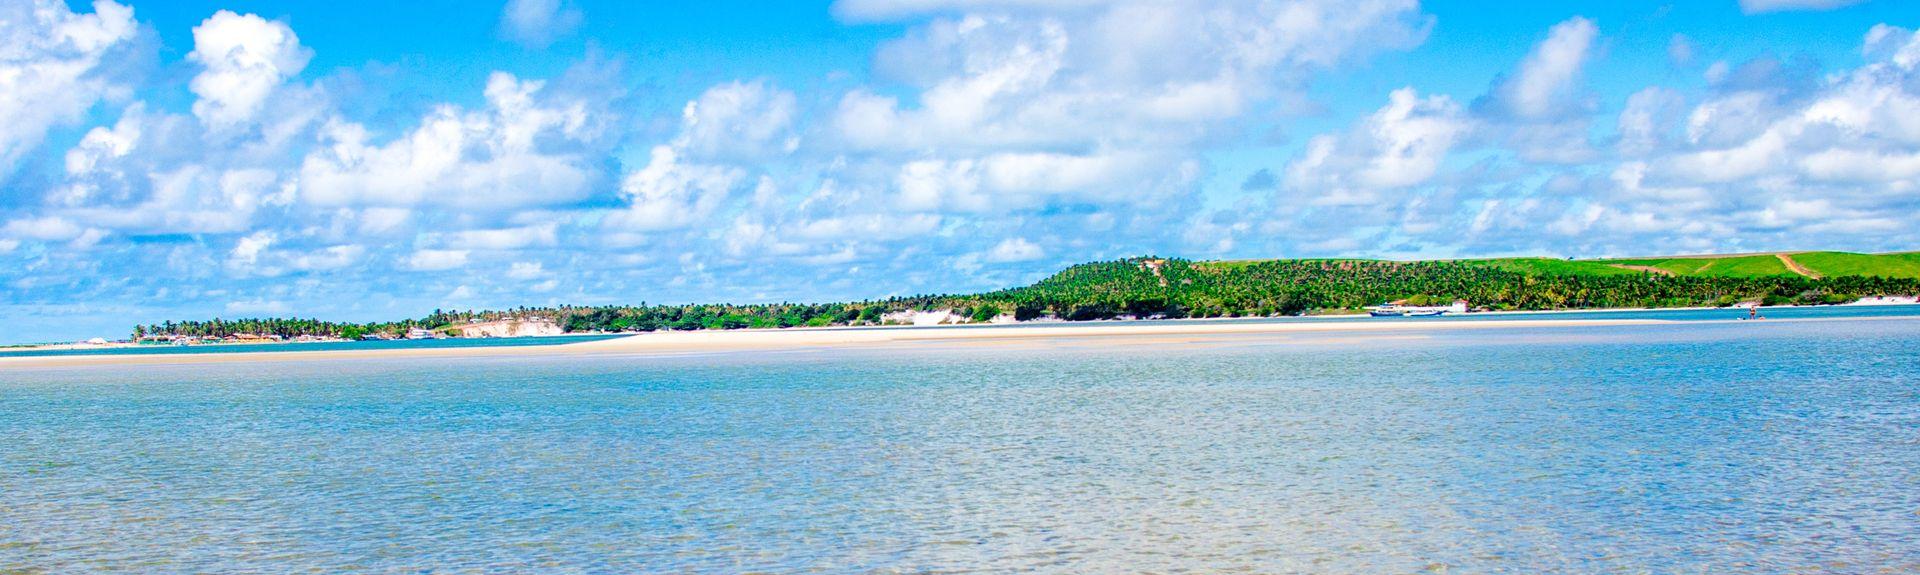 Plaża Carvalho, Barra de São Miguel, Alagoas, BR